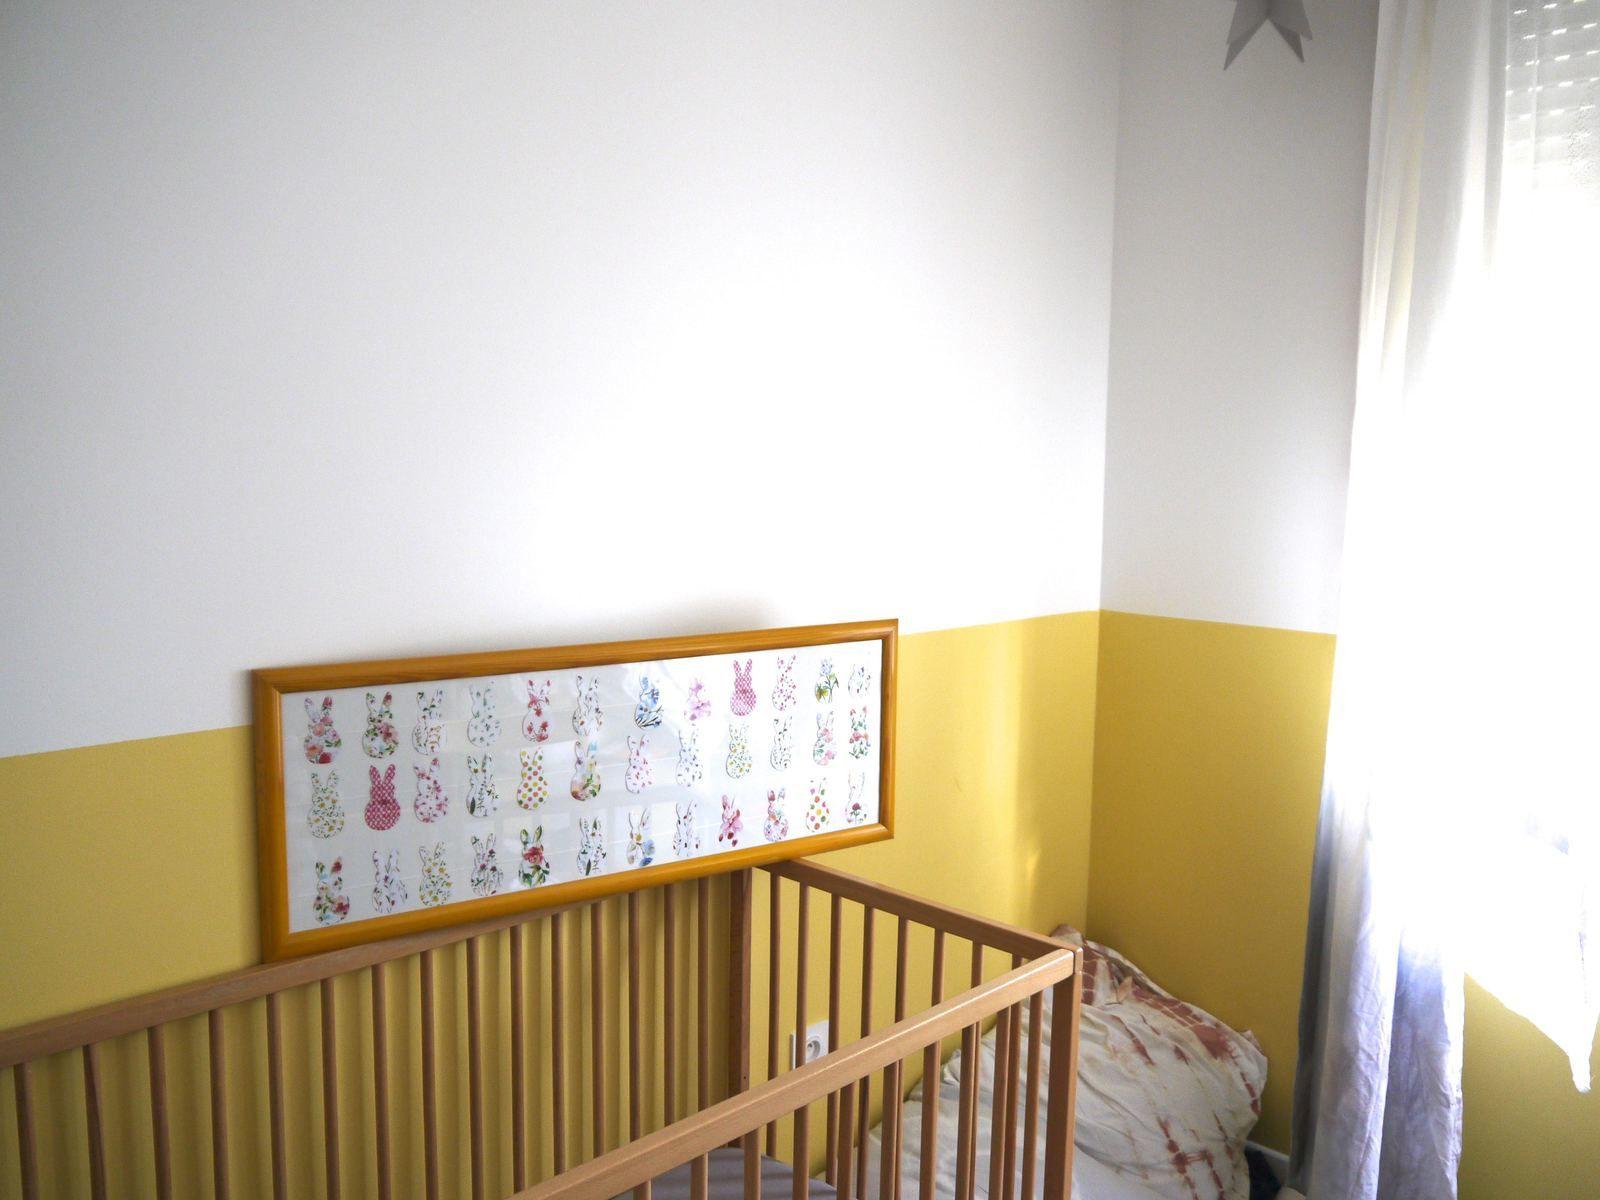 Cadre lapins pour la chambre des kids - DIY esprit summer